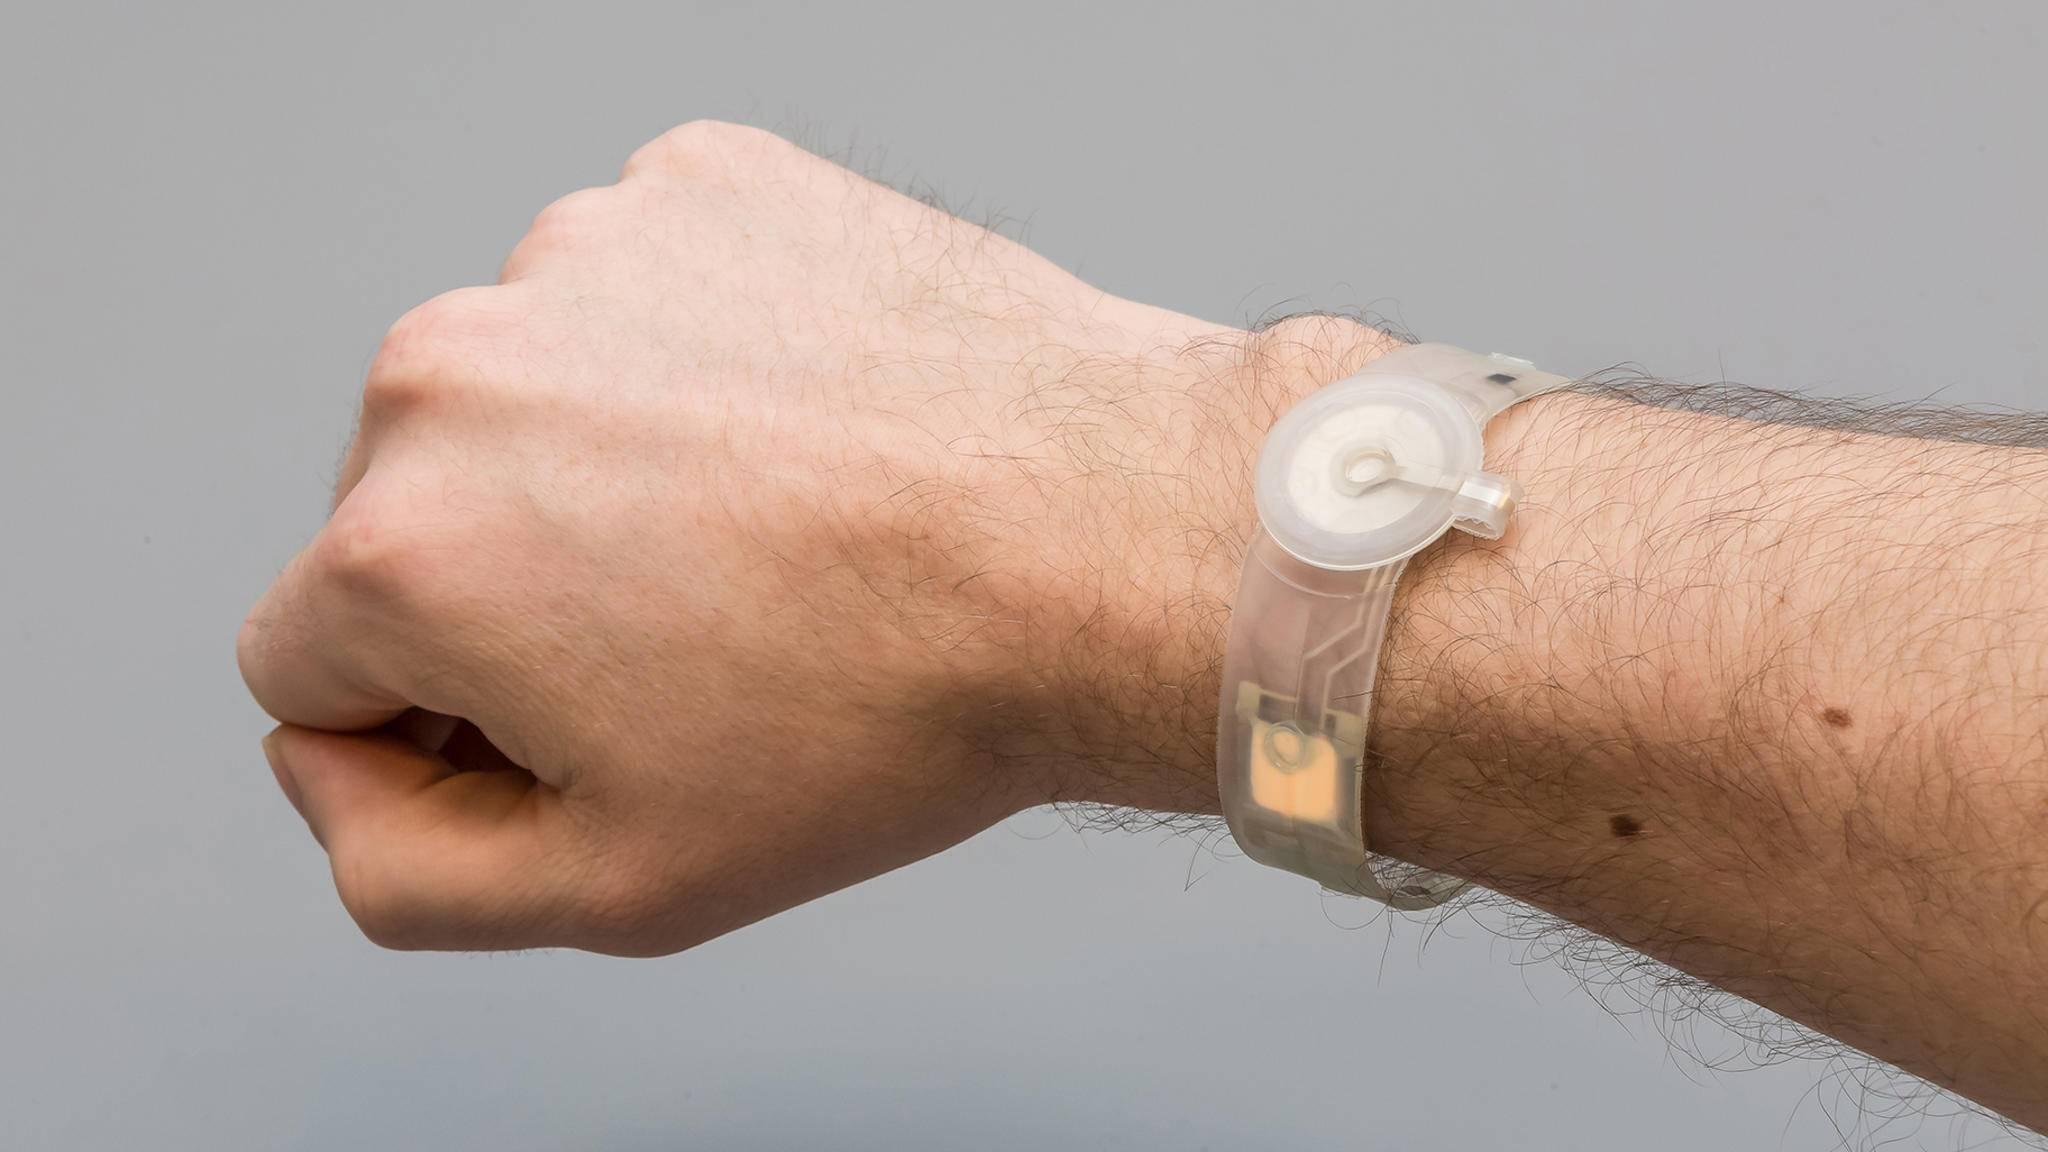 Gesundheit am Handgelenk: Dieses OLED-Armband könnte die Wundheilung fördern.